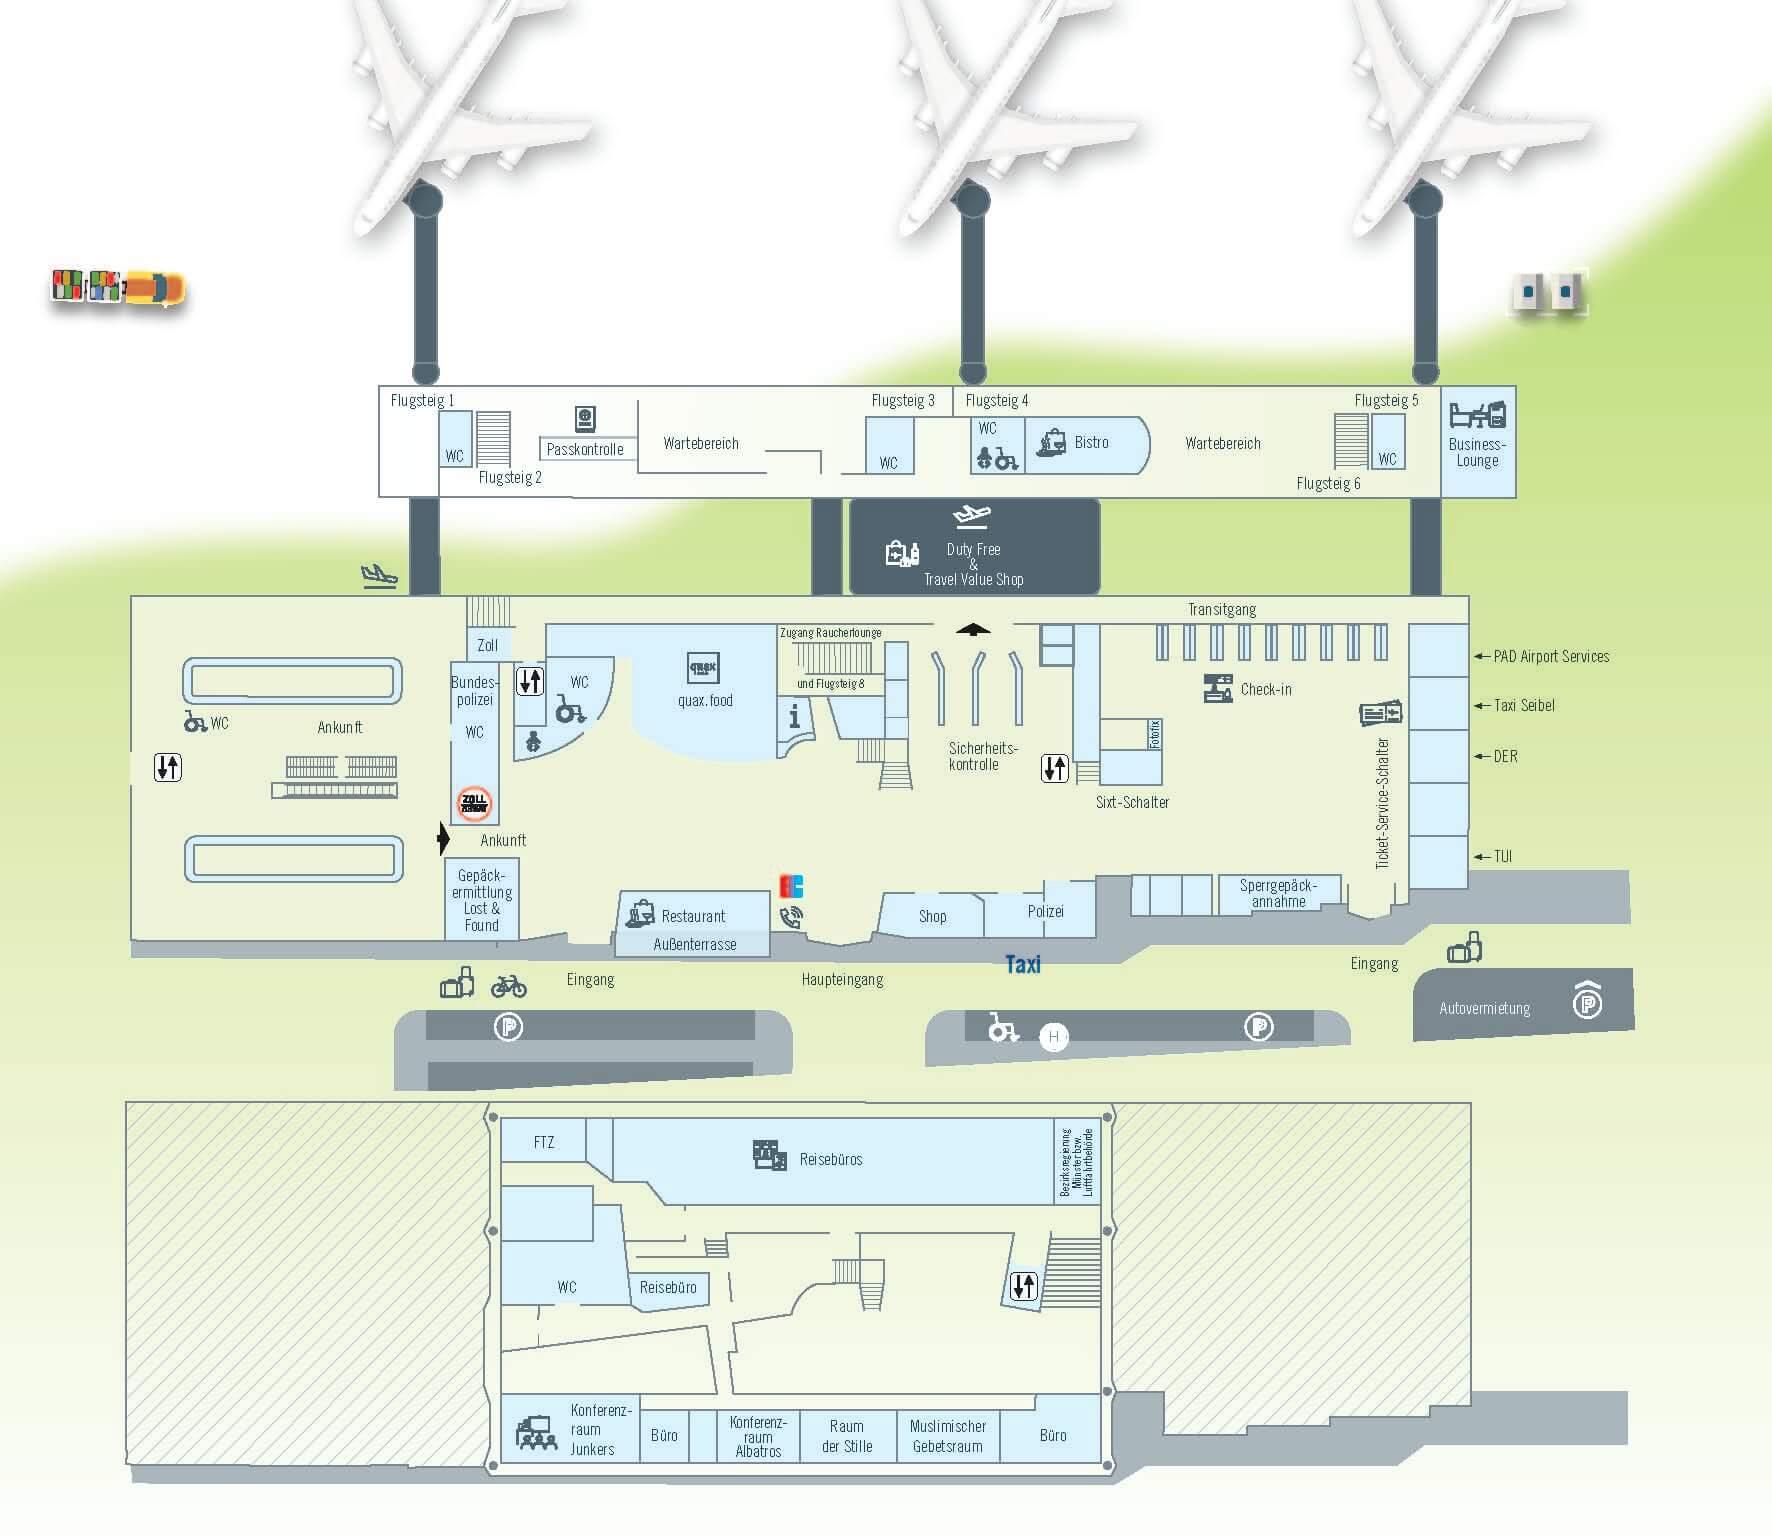 Gran Canaria Karte Flughafen.Maps Paderborn Lippstadt Airport